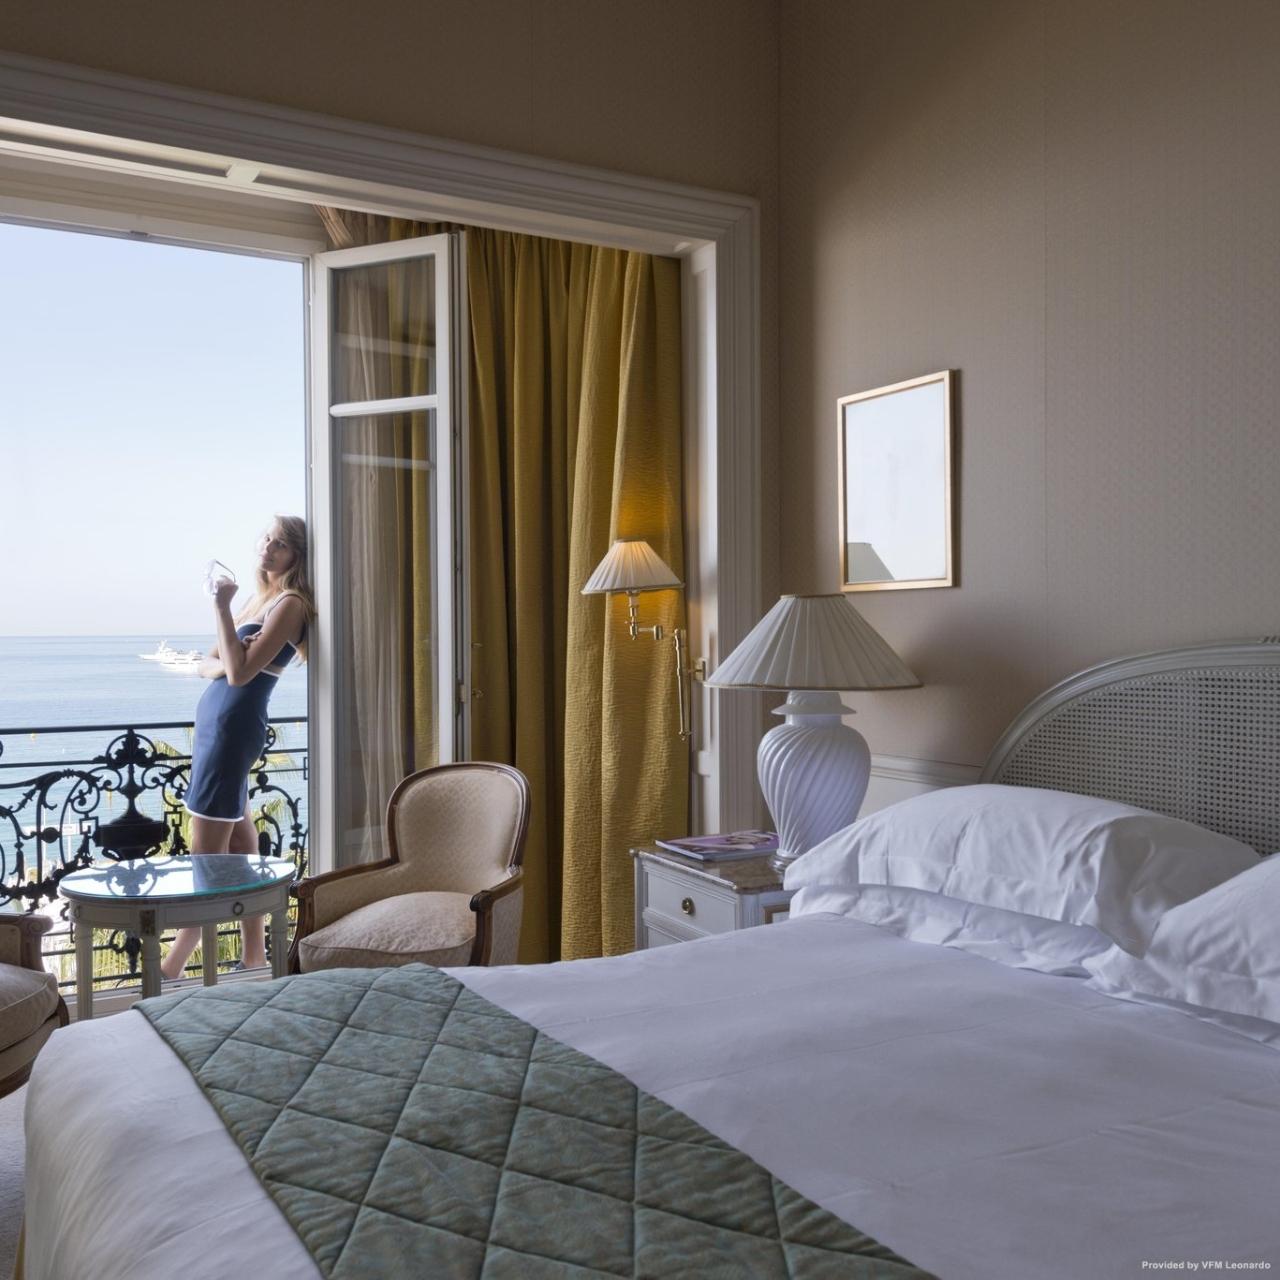 InterContinental Hotels CARLTON CANNES Cannes (Provenza-Alpi-Costa Azzurra)  presso HRS con servizi gratuiti